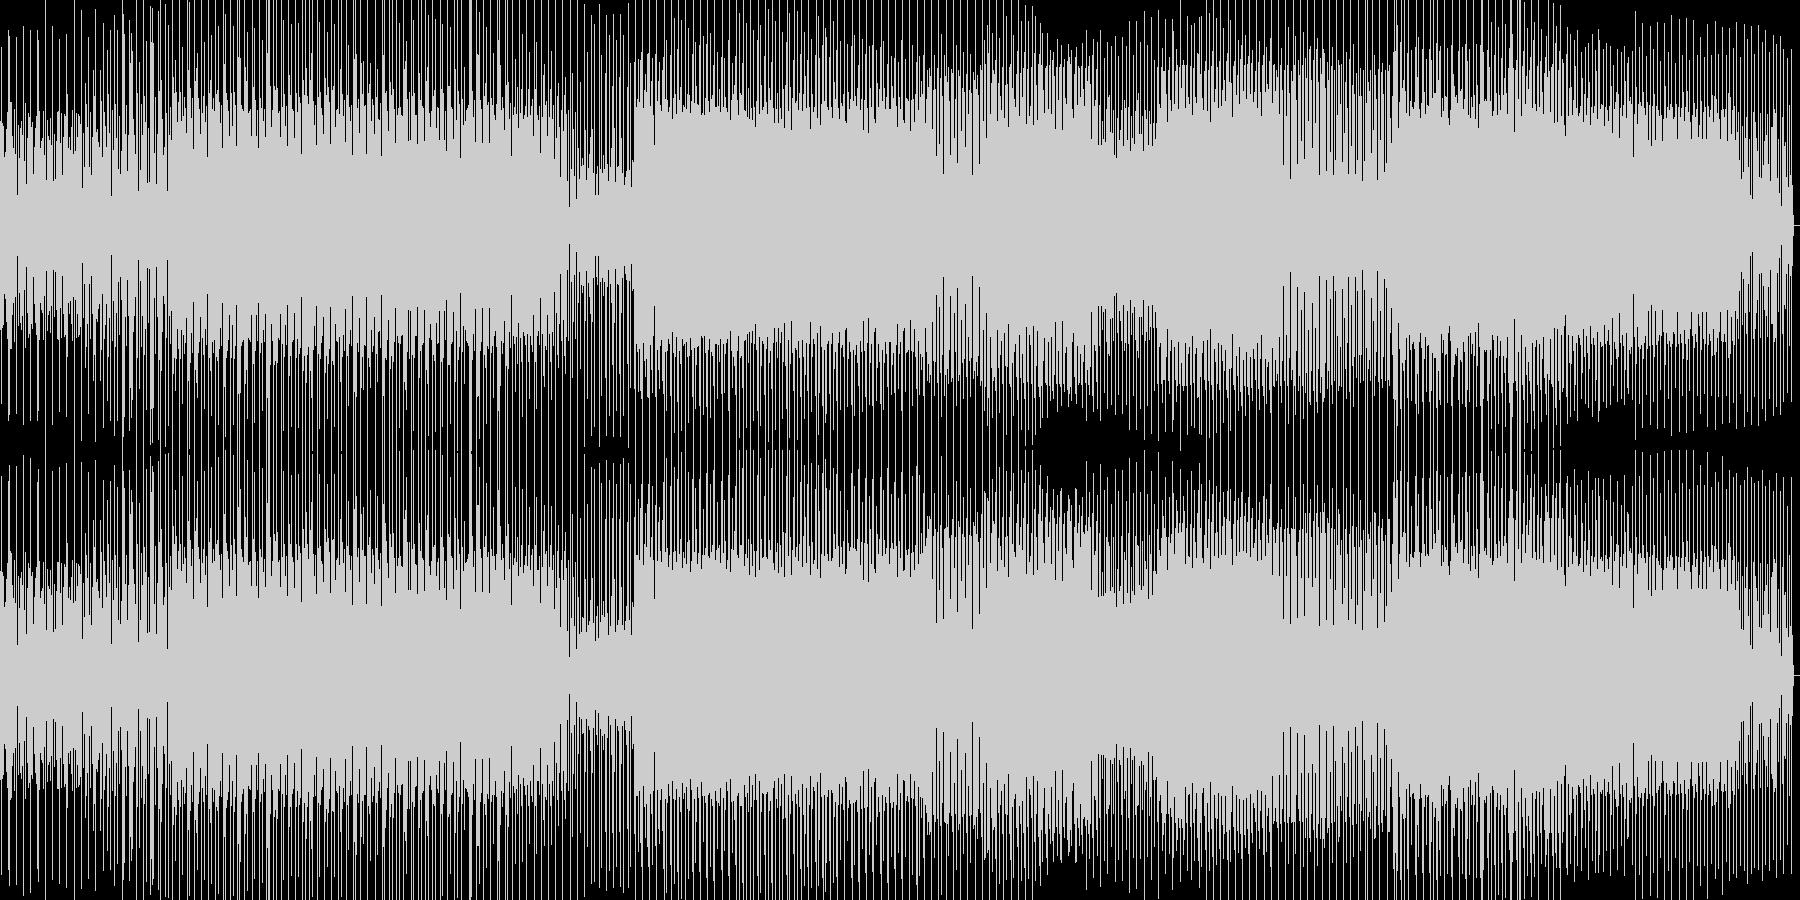 細かい音のミニマルテクノの未再生の波形